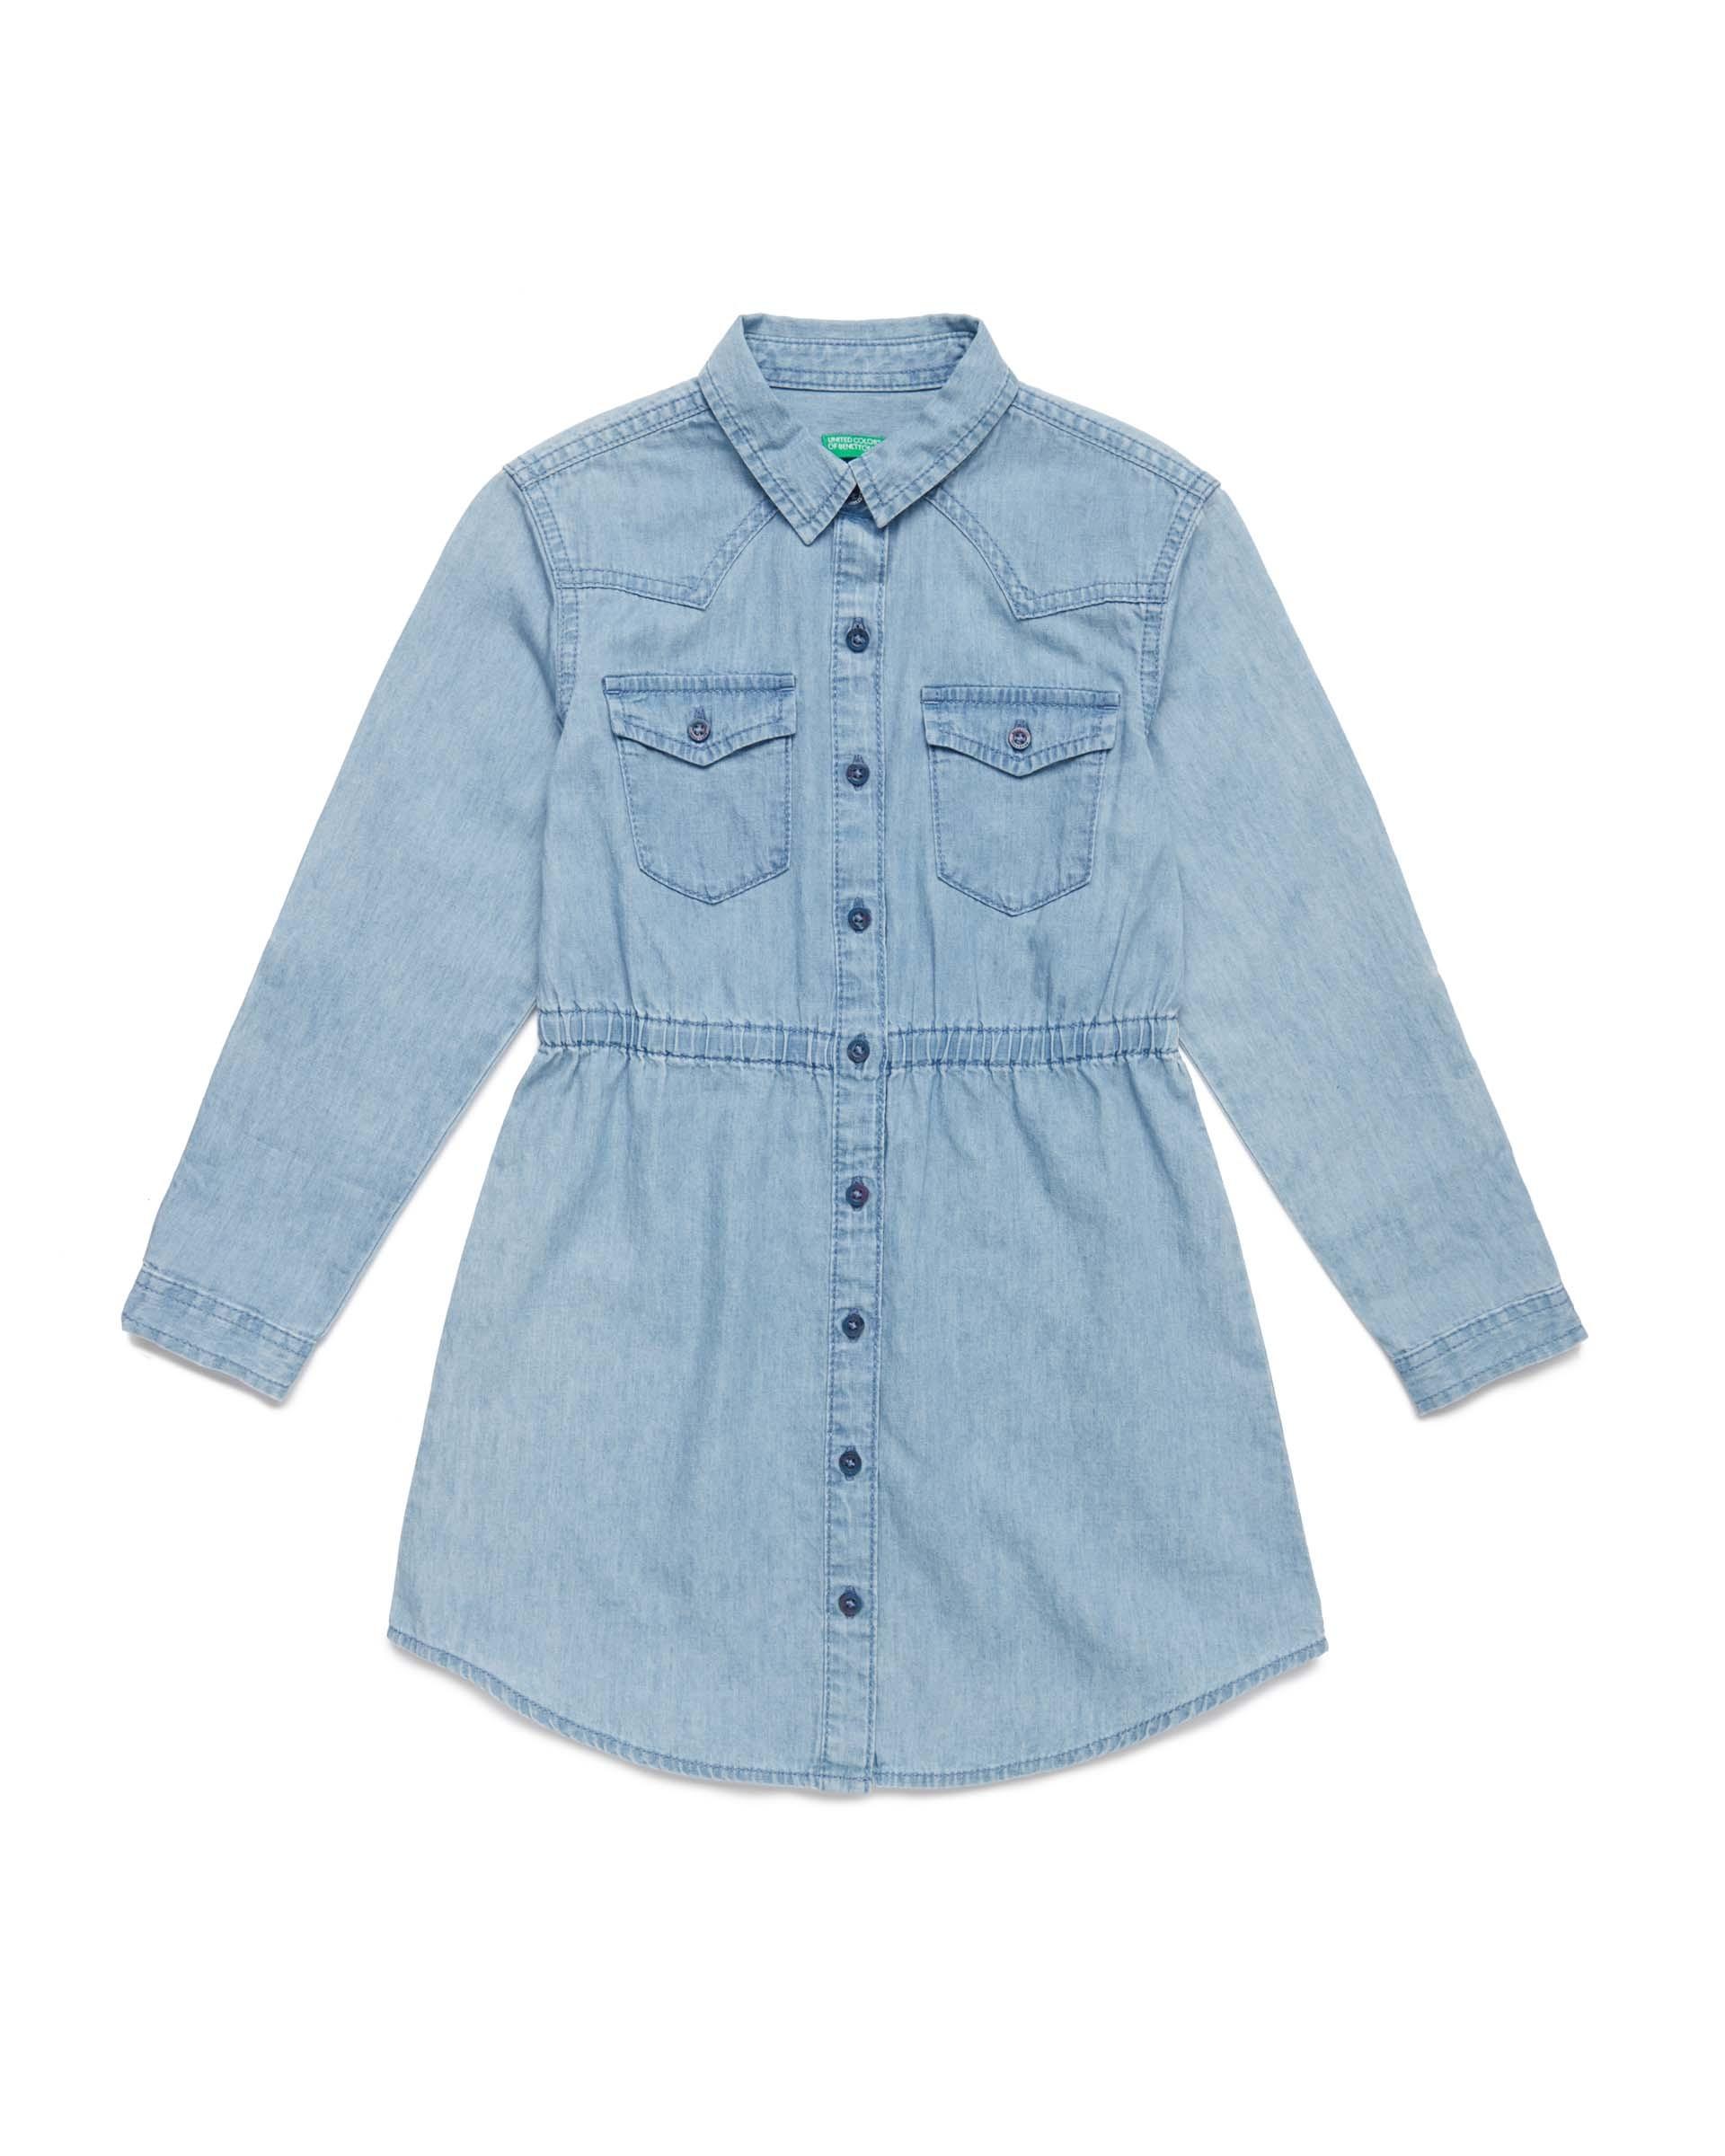 Купить 20P_4DHJ5VDE0_902, Джинсовое платье-рубашка для девочек Benetton 4DHJ5VDE0_902 р-р 140, United Colors of Benetton, Платья для девочек